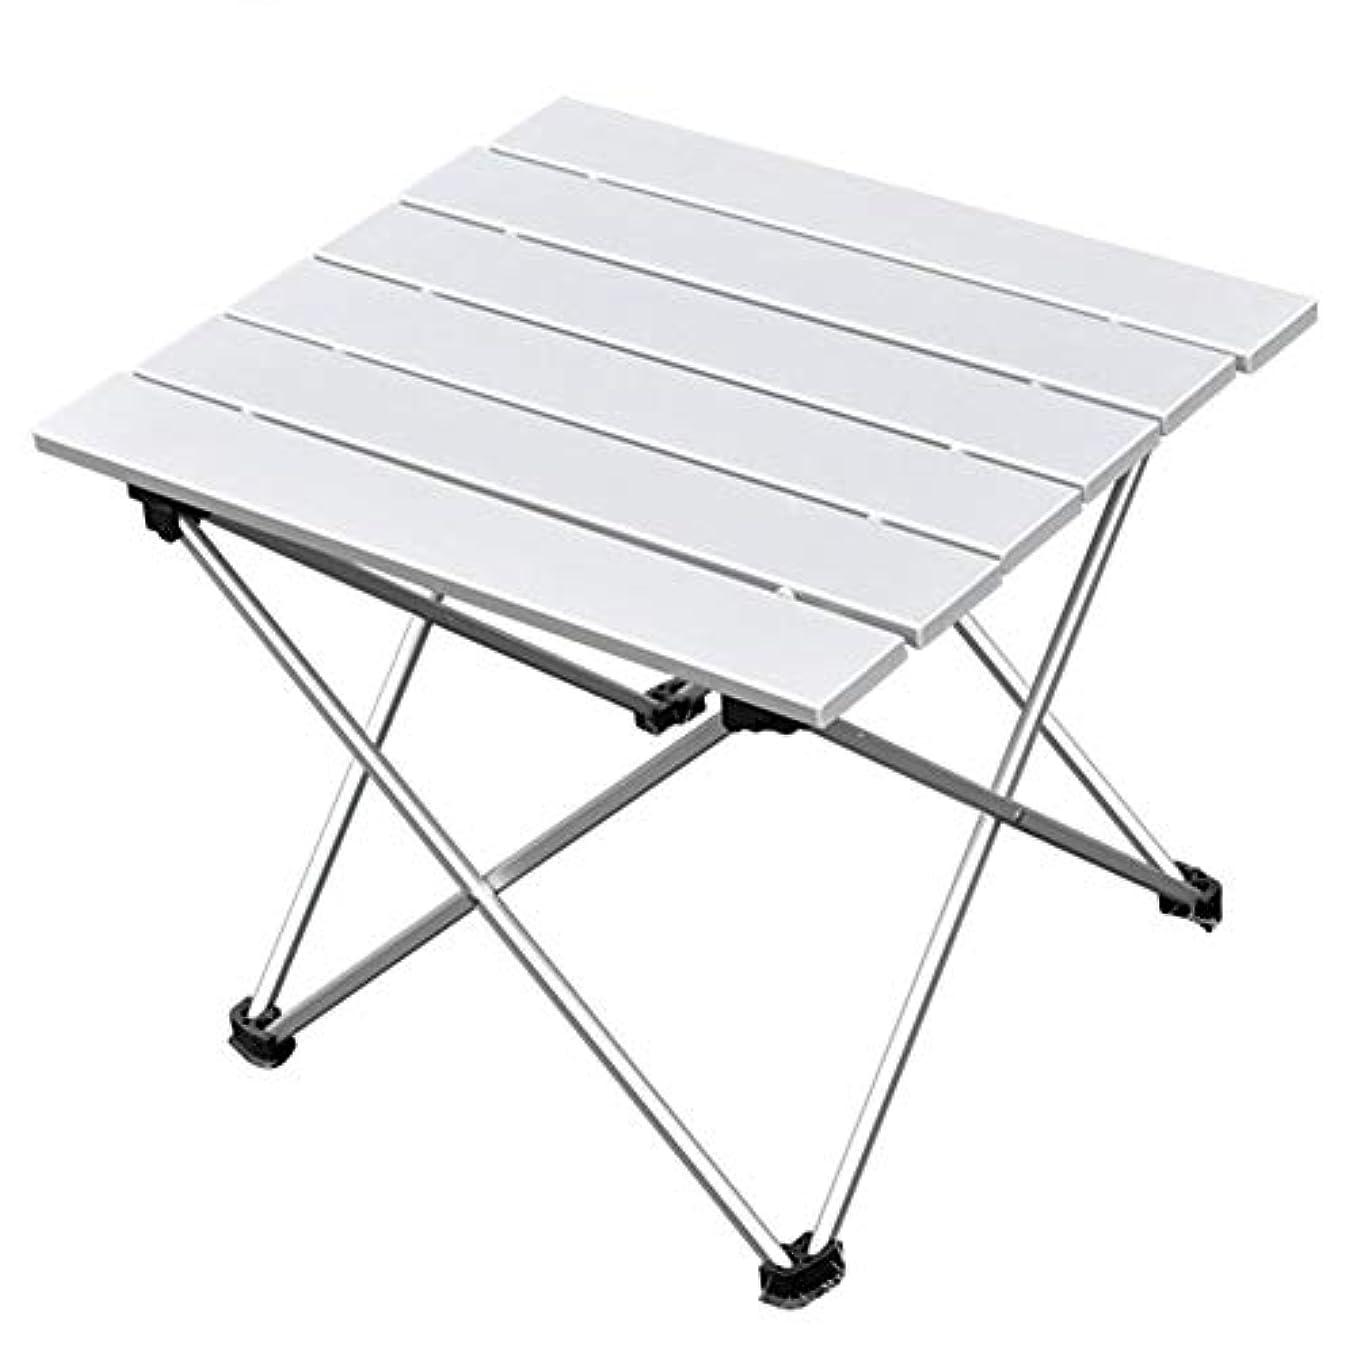 着実に危機贅沢MILICOCO 折りたたみテーブル アルミ製 アウトドアテーブル ロールテーブル コンパクト キャンプ ハイキング 耐荷重30kg 専用収納袋付き 便利 携帯安い シルバー